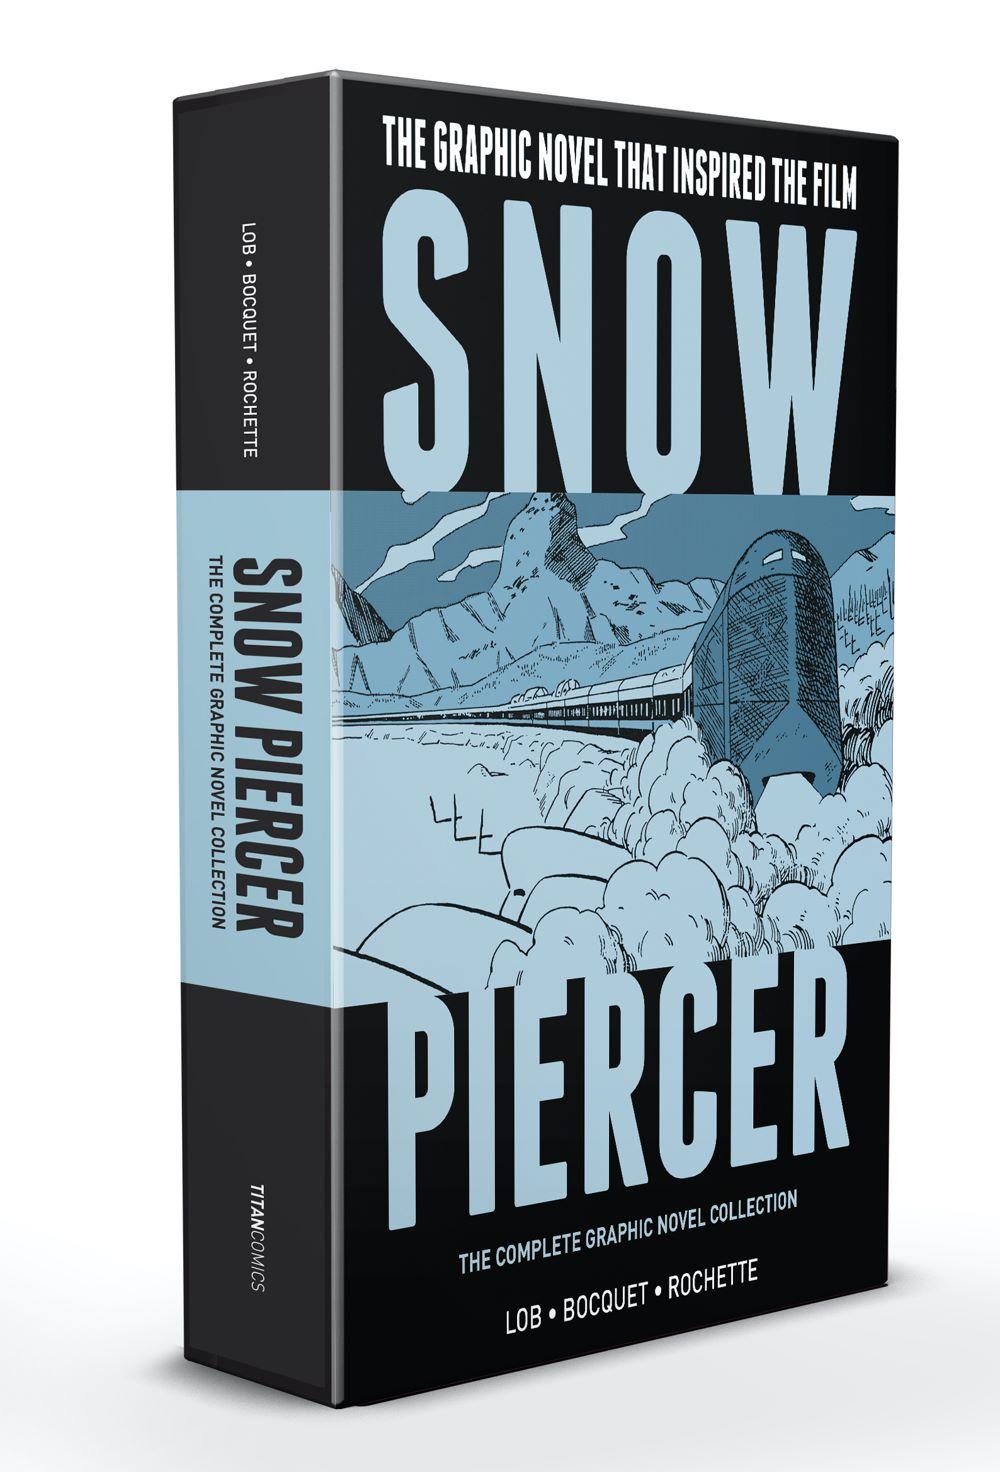 SNOWPIERCER-BOXED-SET Titan Comics July 2021 Solicitations